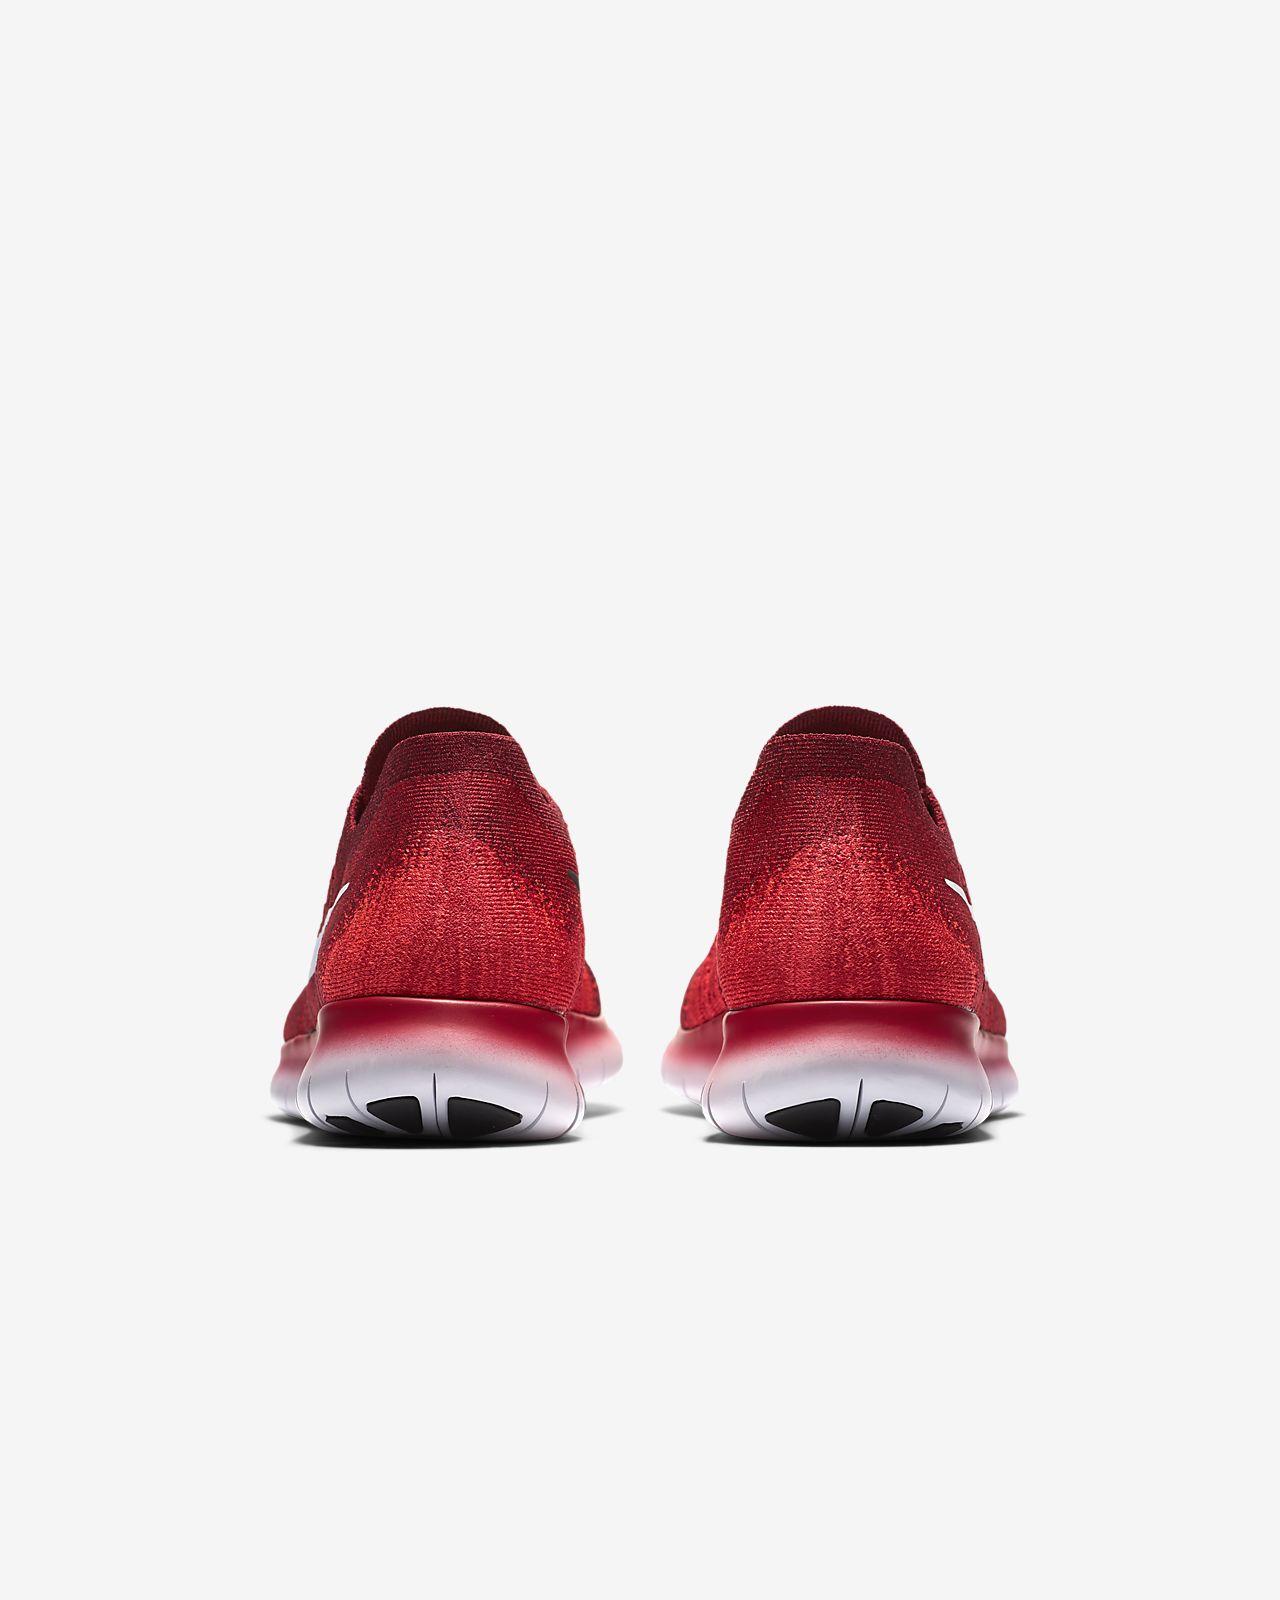 nike free rn 2017 uomo red